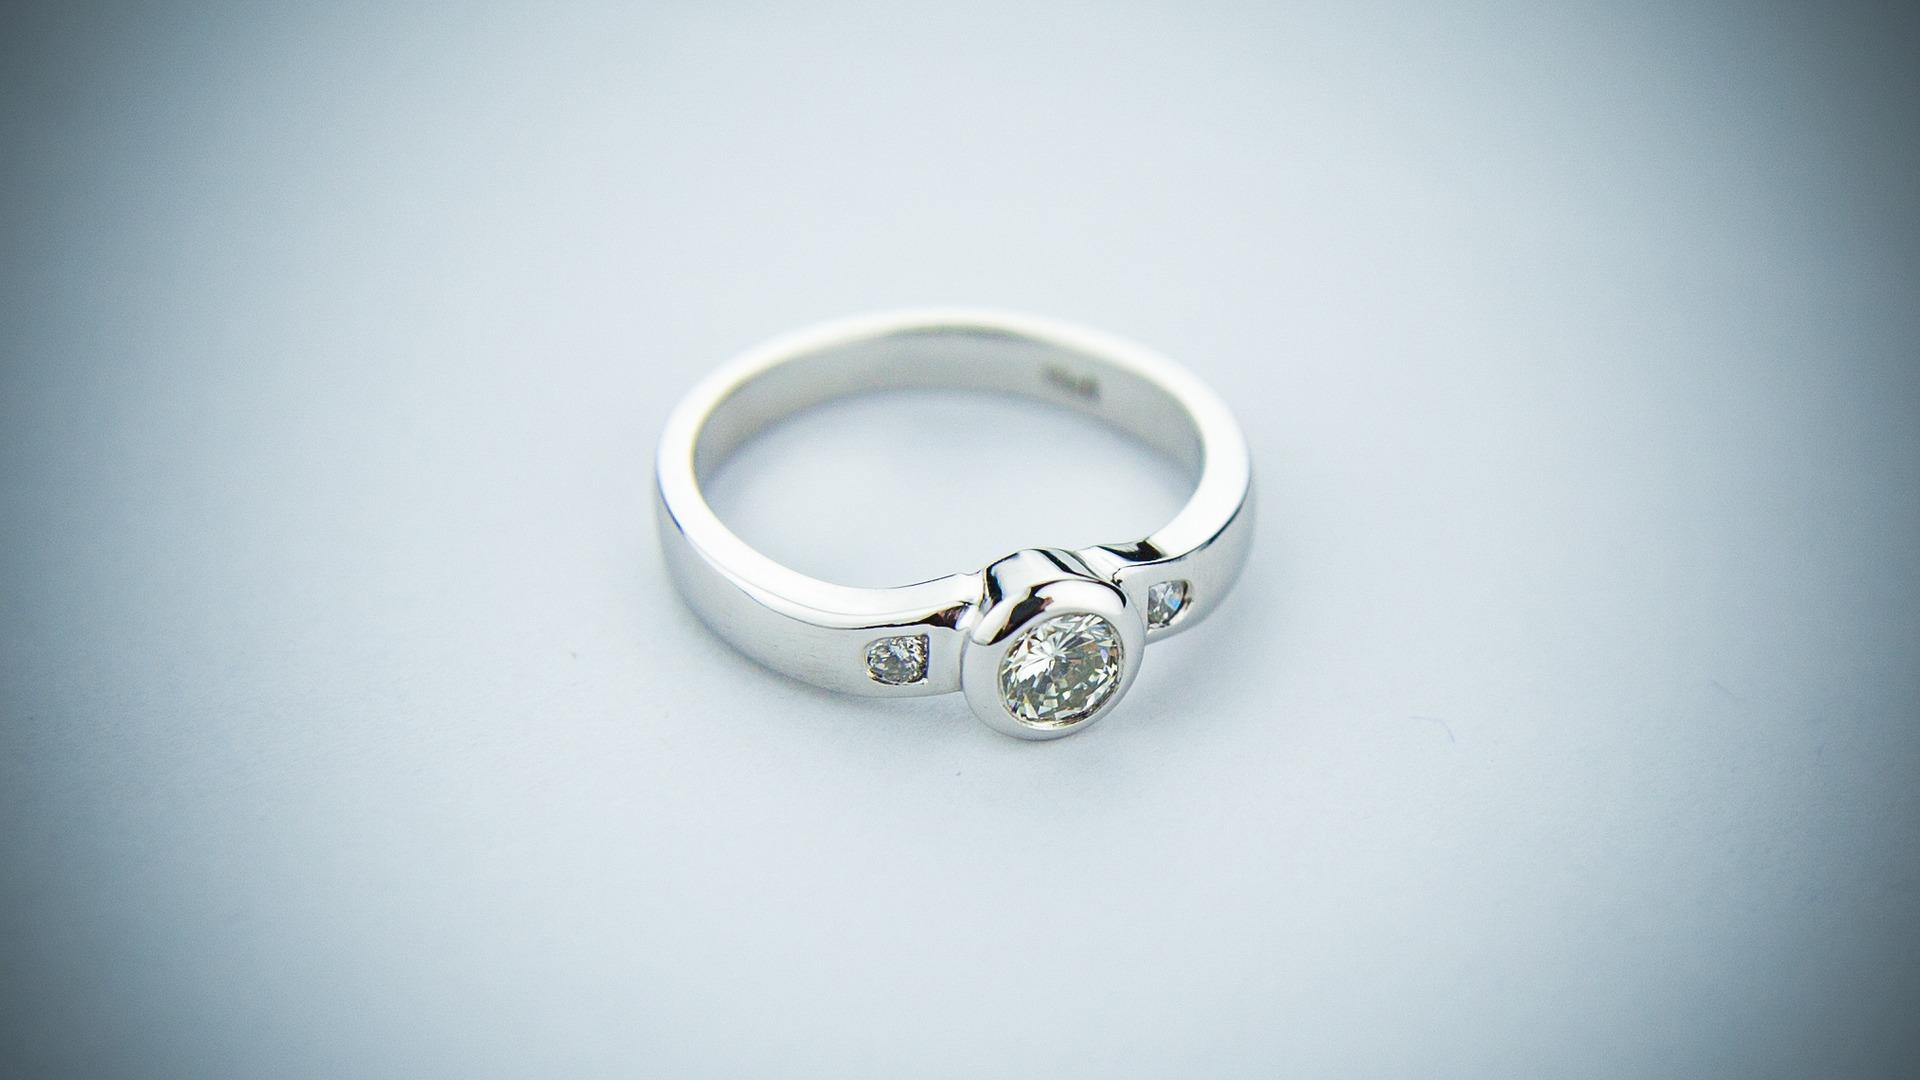 anillos-compromiso-2